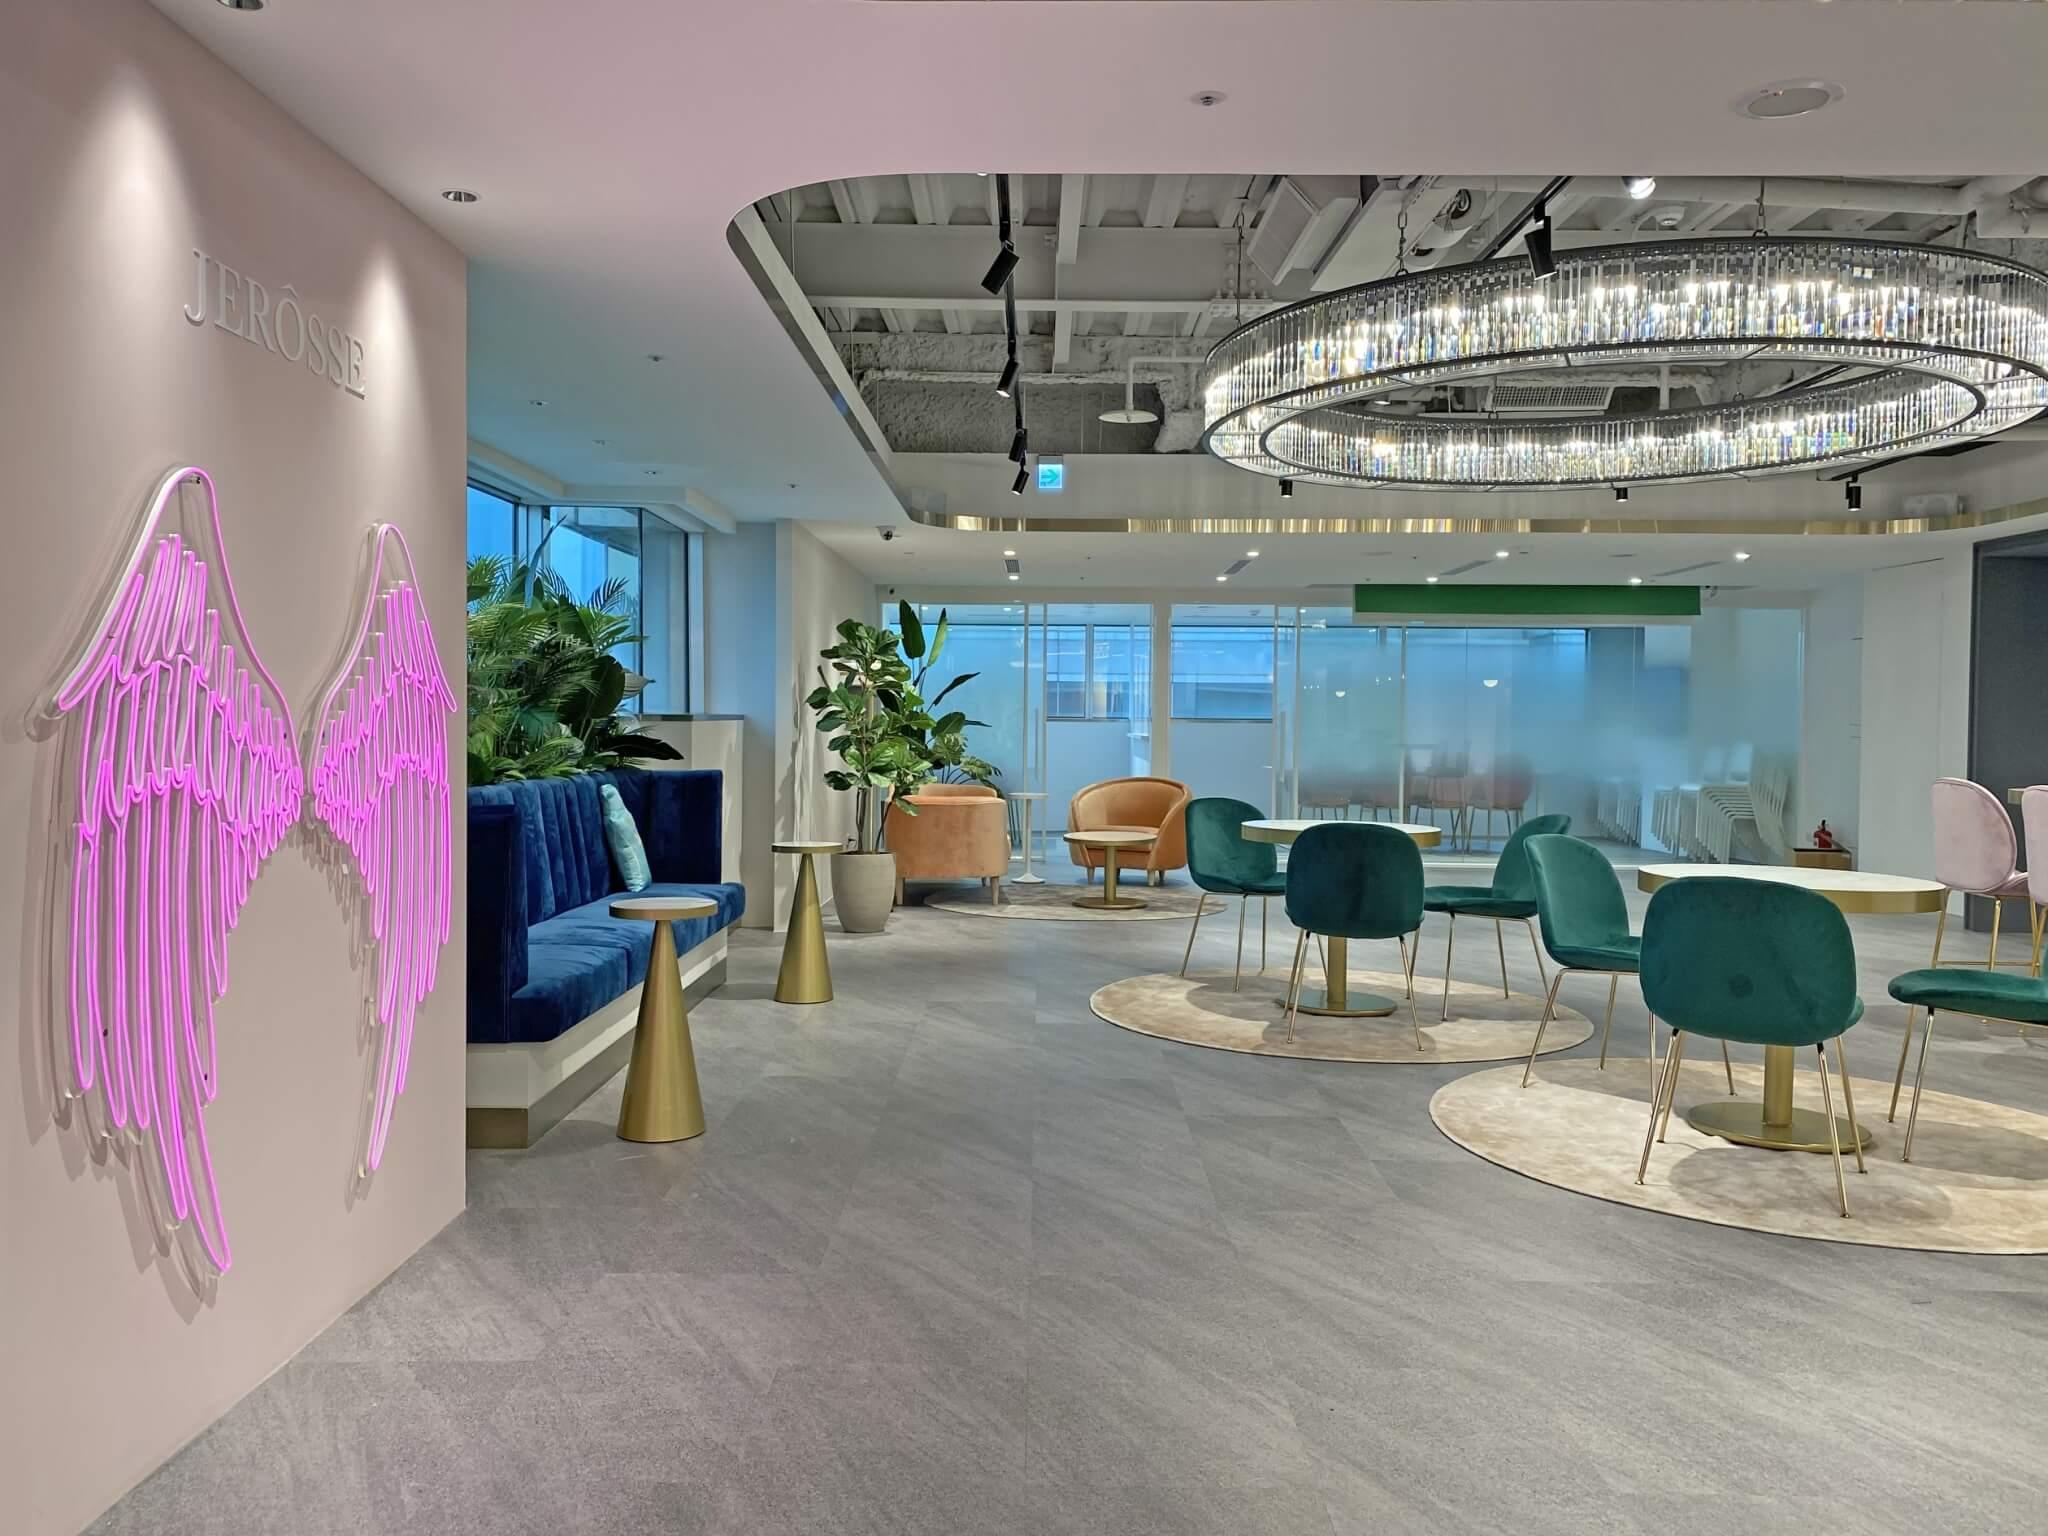 婕樂纖培訓總部空間寬敞羽毛網美打卡牆你就是焦點